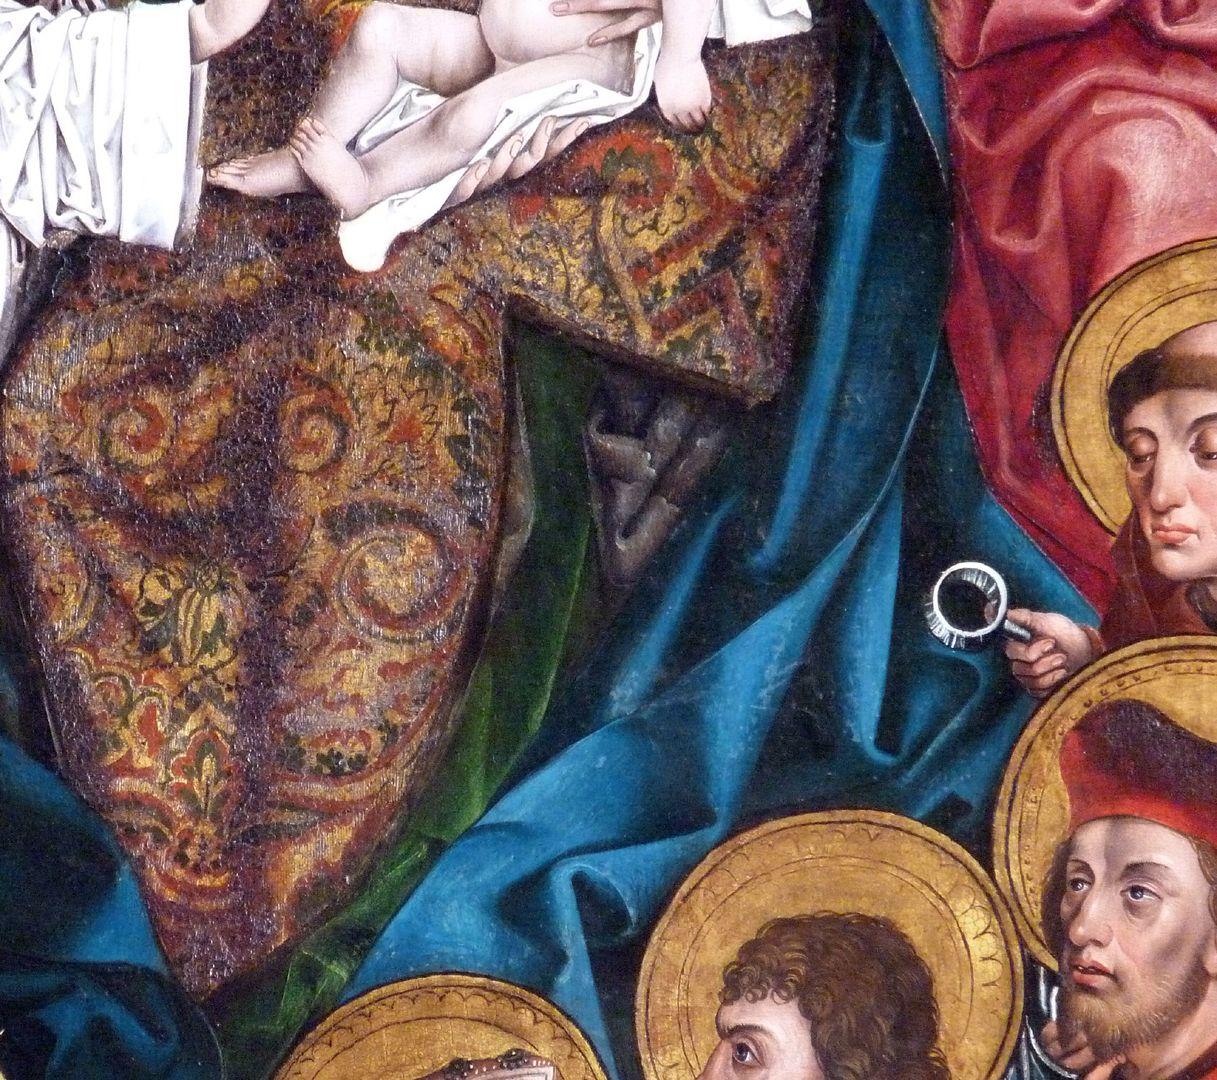 Katharinenretabel des Levinus Memminger linke Flügelinnenseite: Detail mit dem Gewand der Maria und den Köpfen der Nothelfer, darunter St. Antonius von Padua mit Lupe